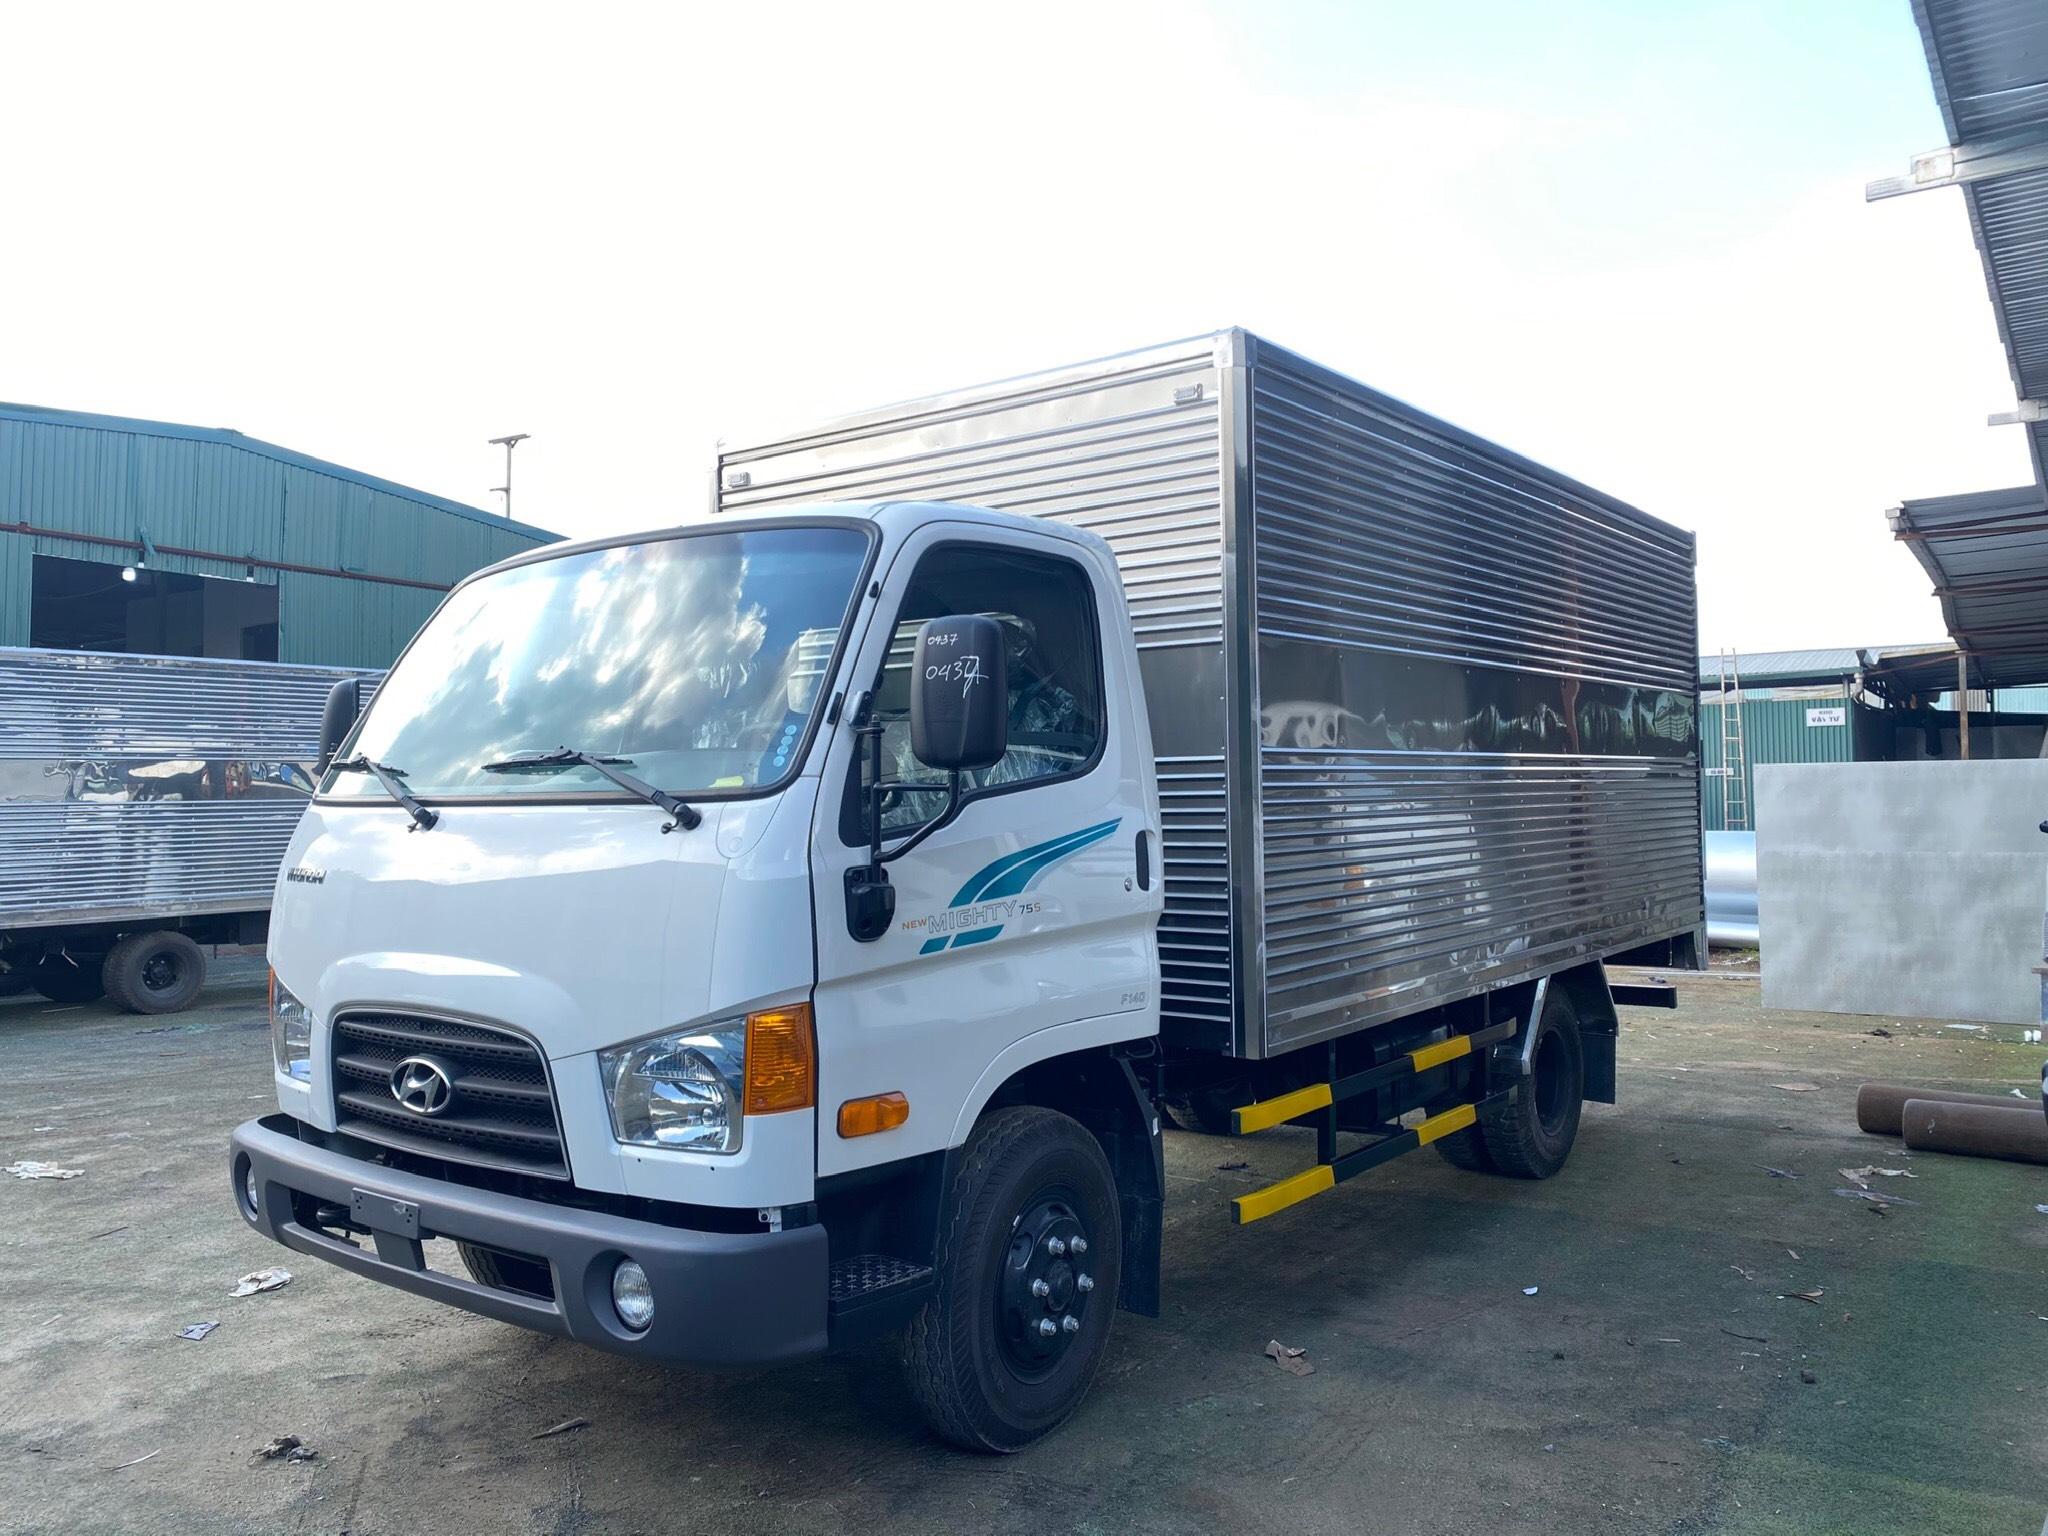 Bán xe tải Hyundai 75s tại Thái Nguyên